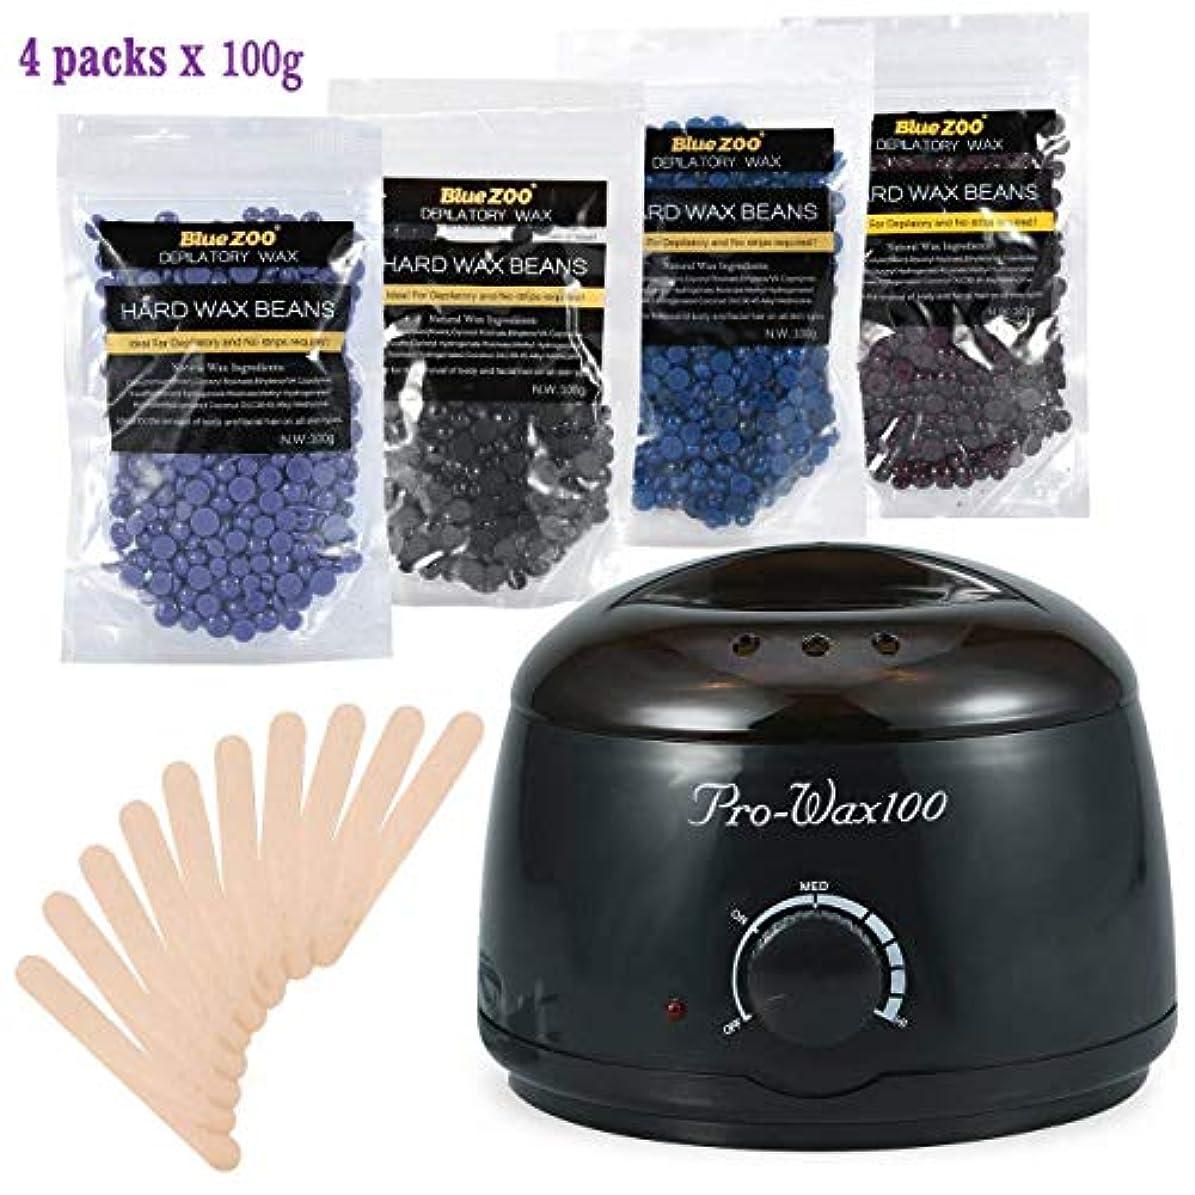 変える静かな幾分ボディービキニ脱毛?ワックスセット、500ml電気ワックスヒーター(ブラック)4種類のハードワックス豆と木製シャベル10種類、ワックス豆100g (1)